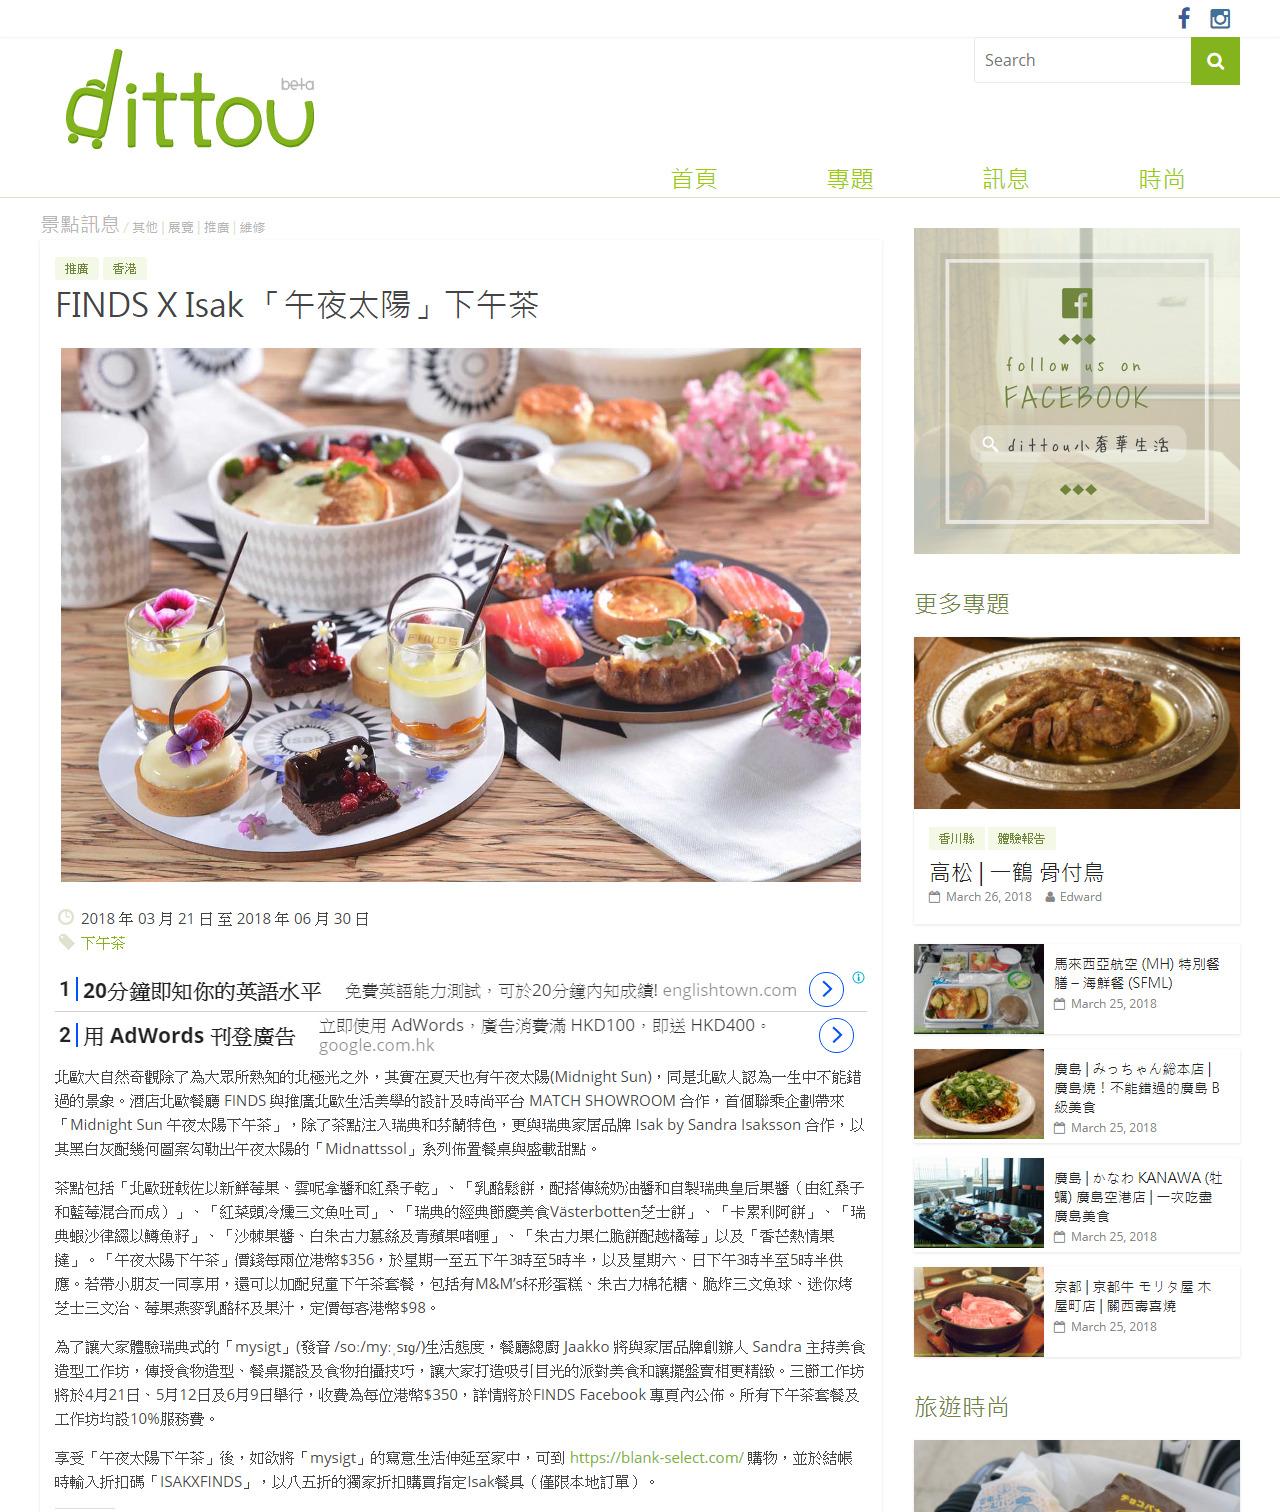 Midnattssol @ Finds restaurant Hong Kong!